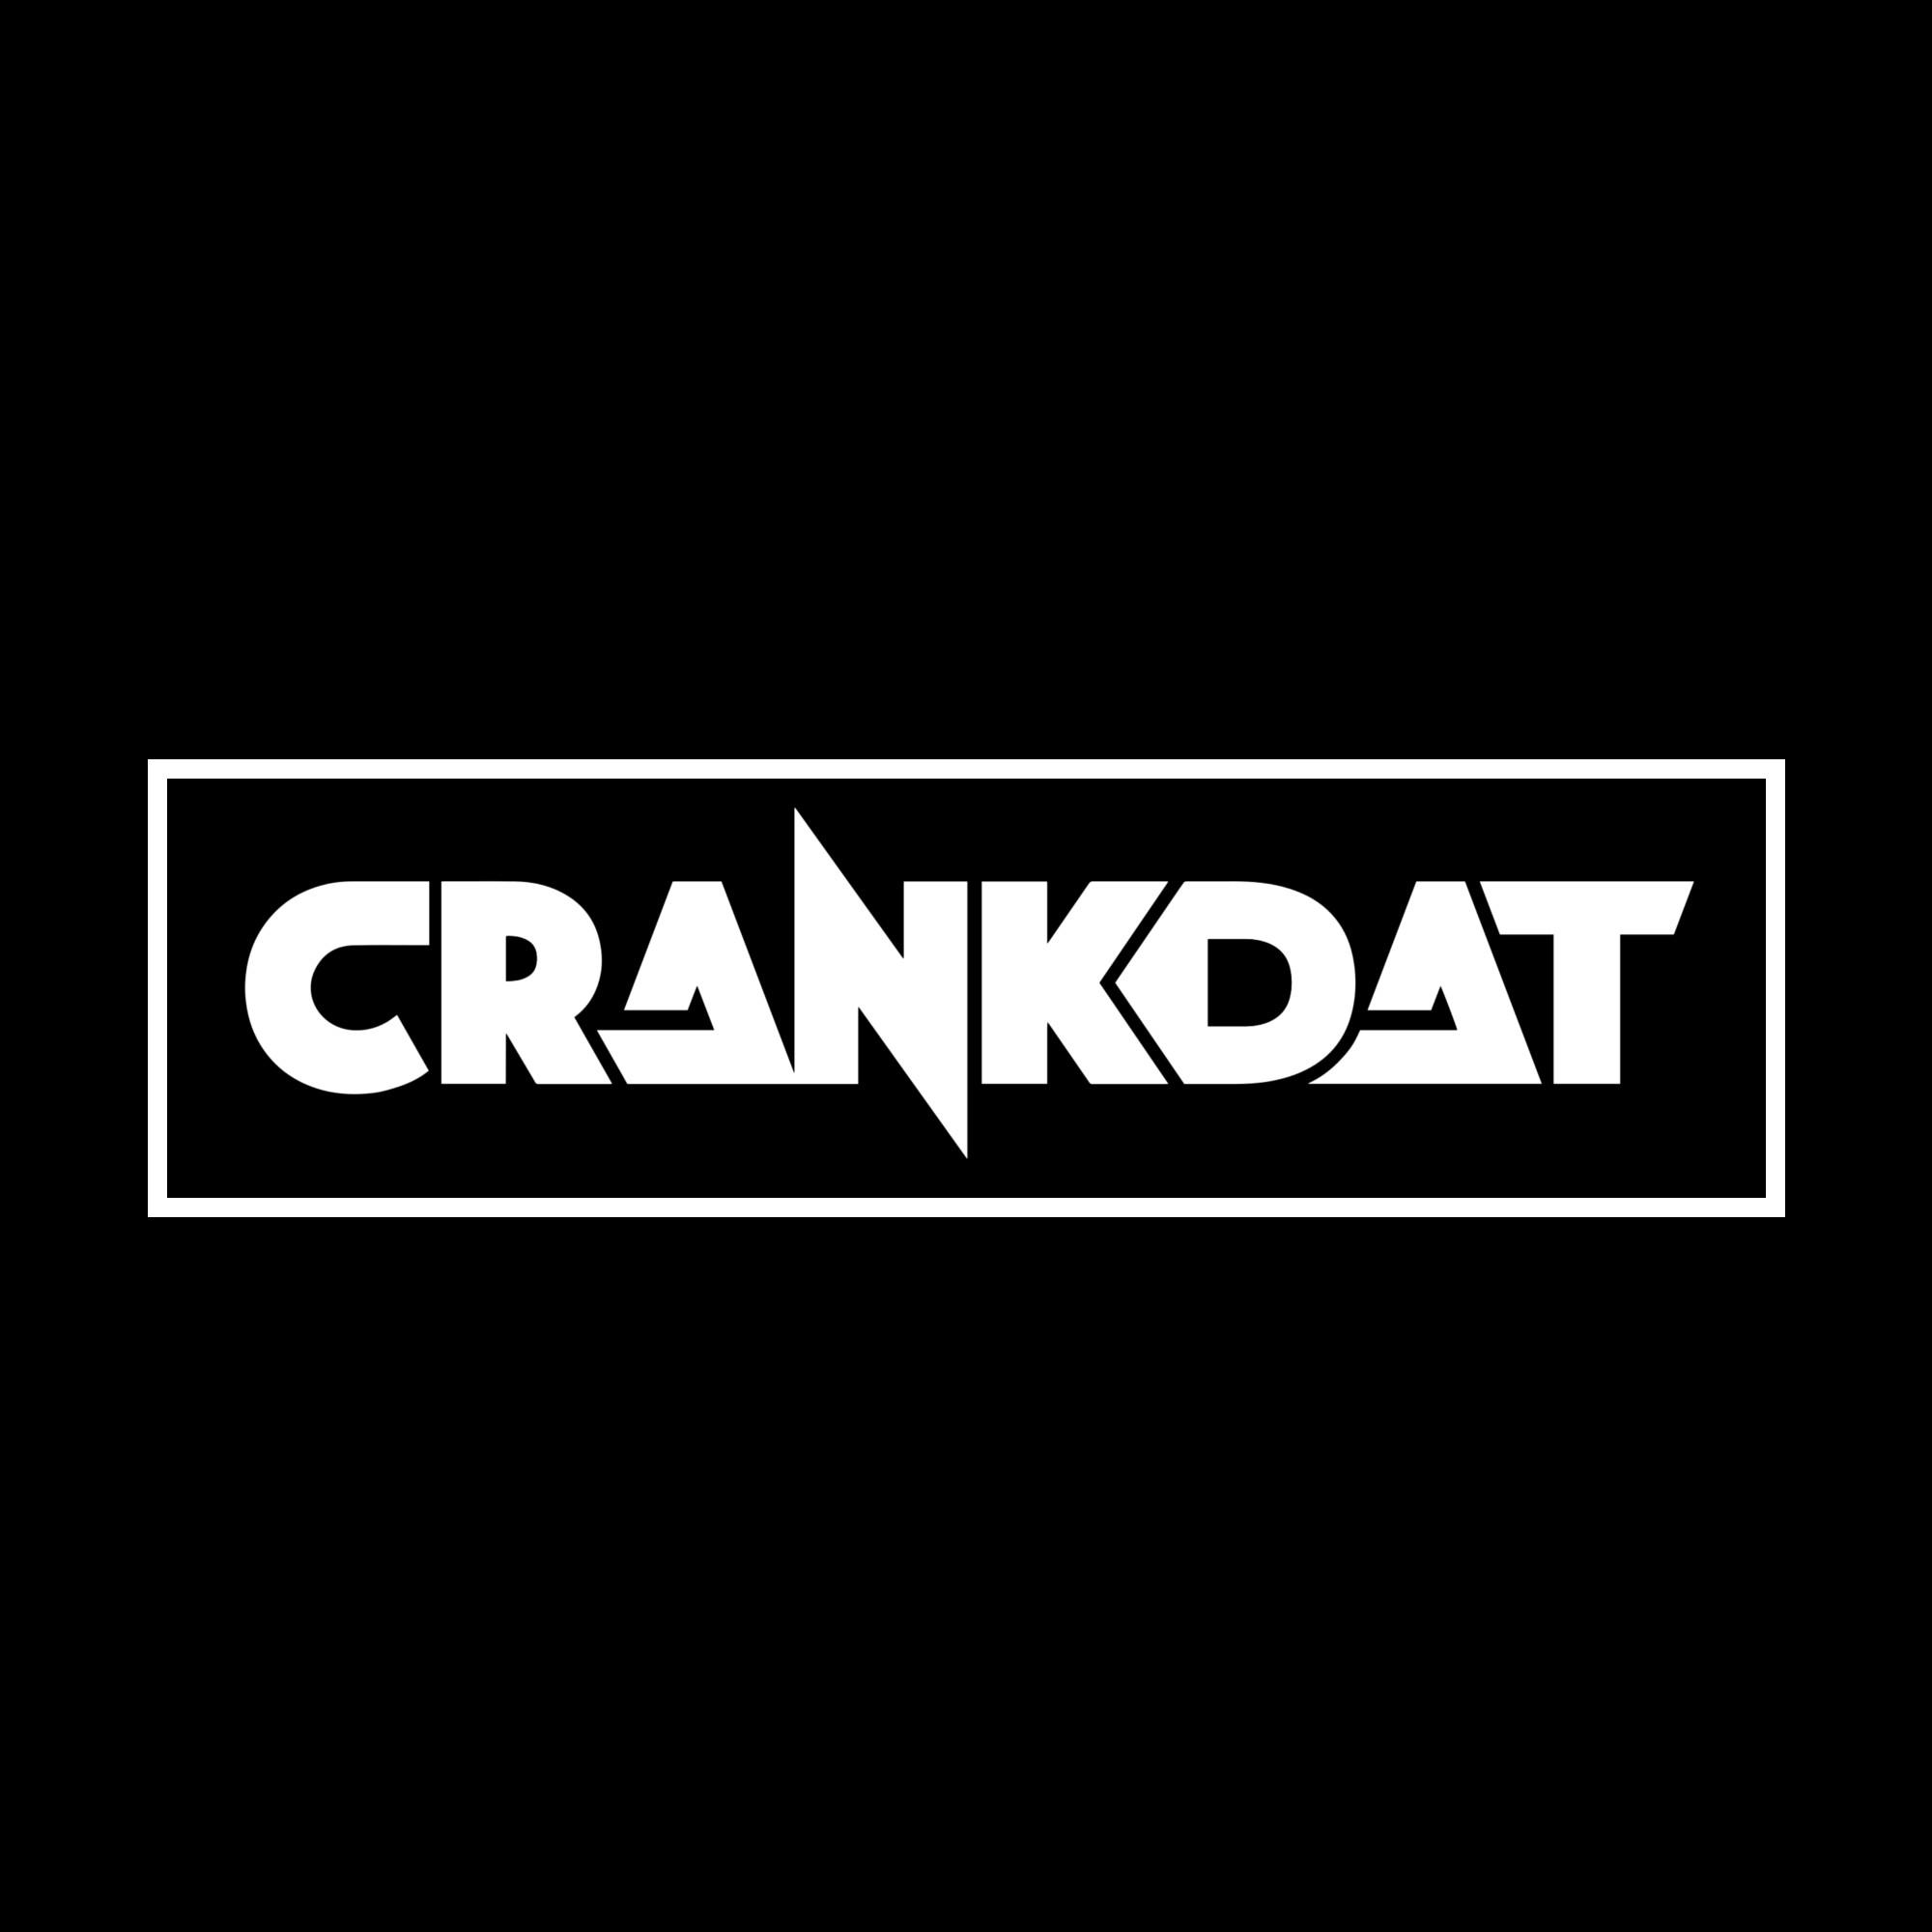 CRANKDAT - SOUNDCLOUDTWITTERFACEBOOKINSTAGRAM